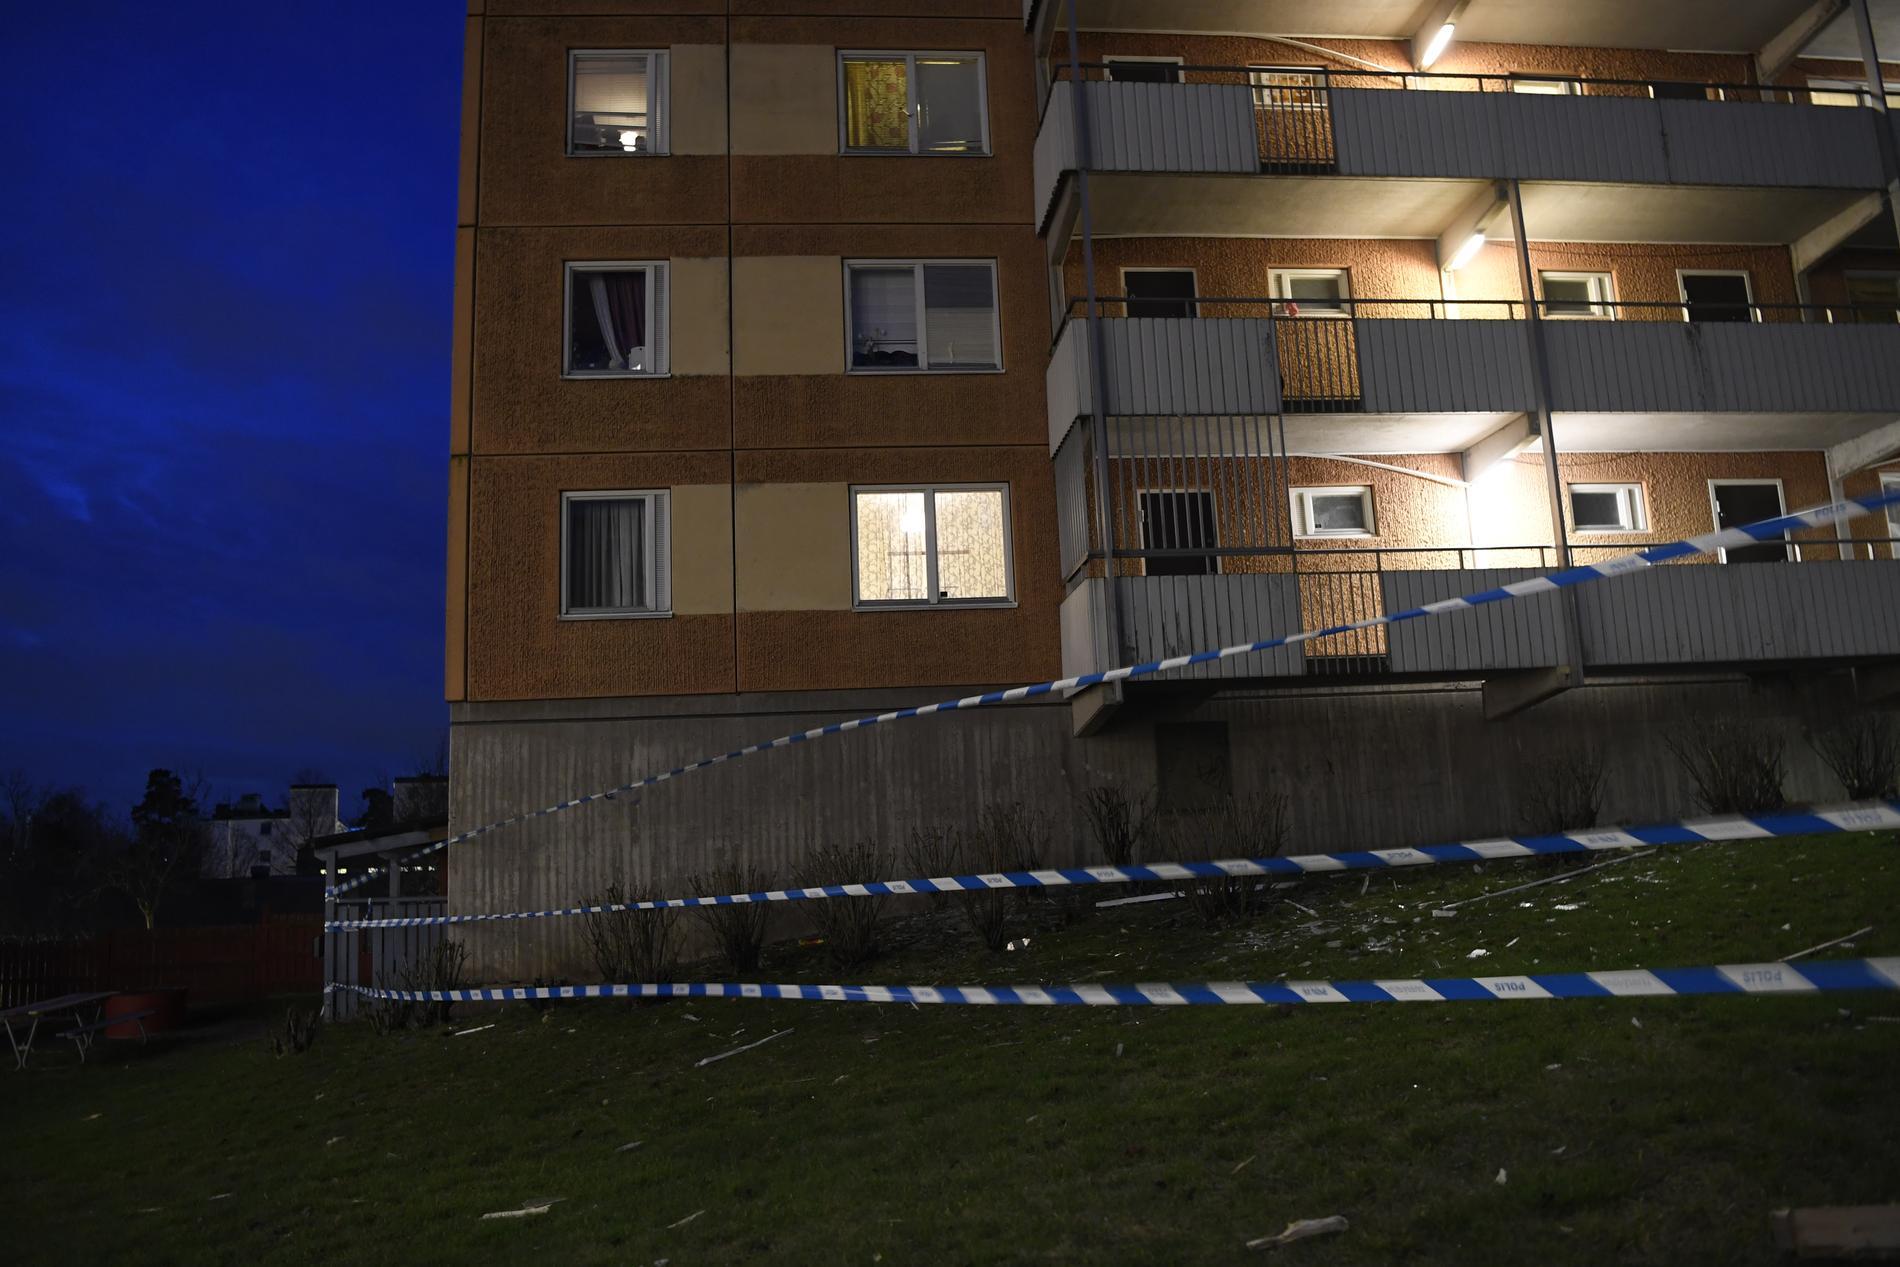 Explosionerna skedde på ungefär 500 meters avstånd från varandra. Polisen utreder ett samband.